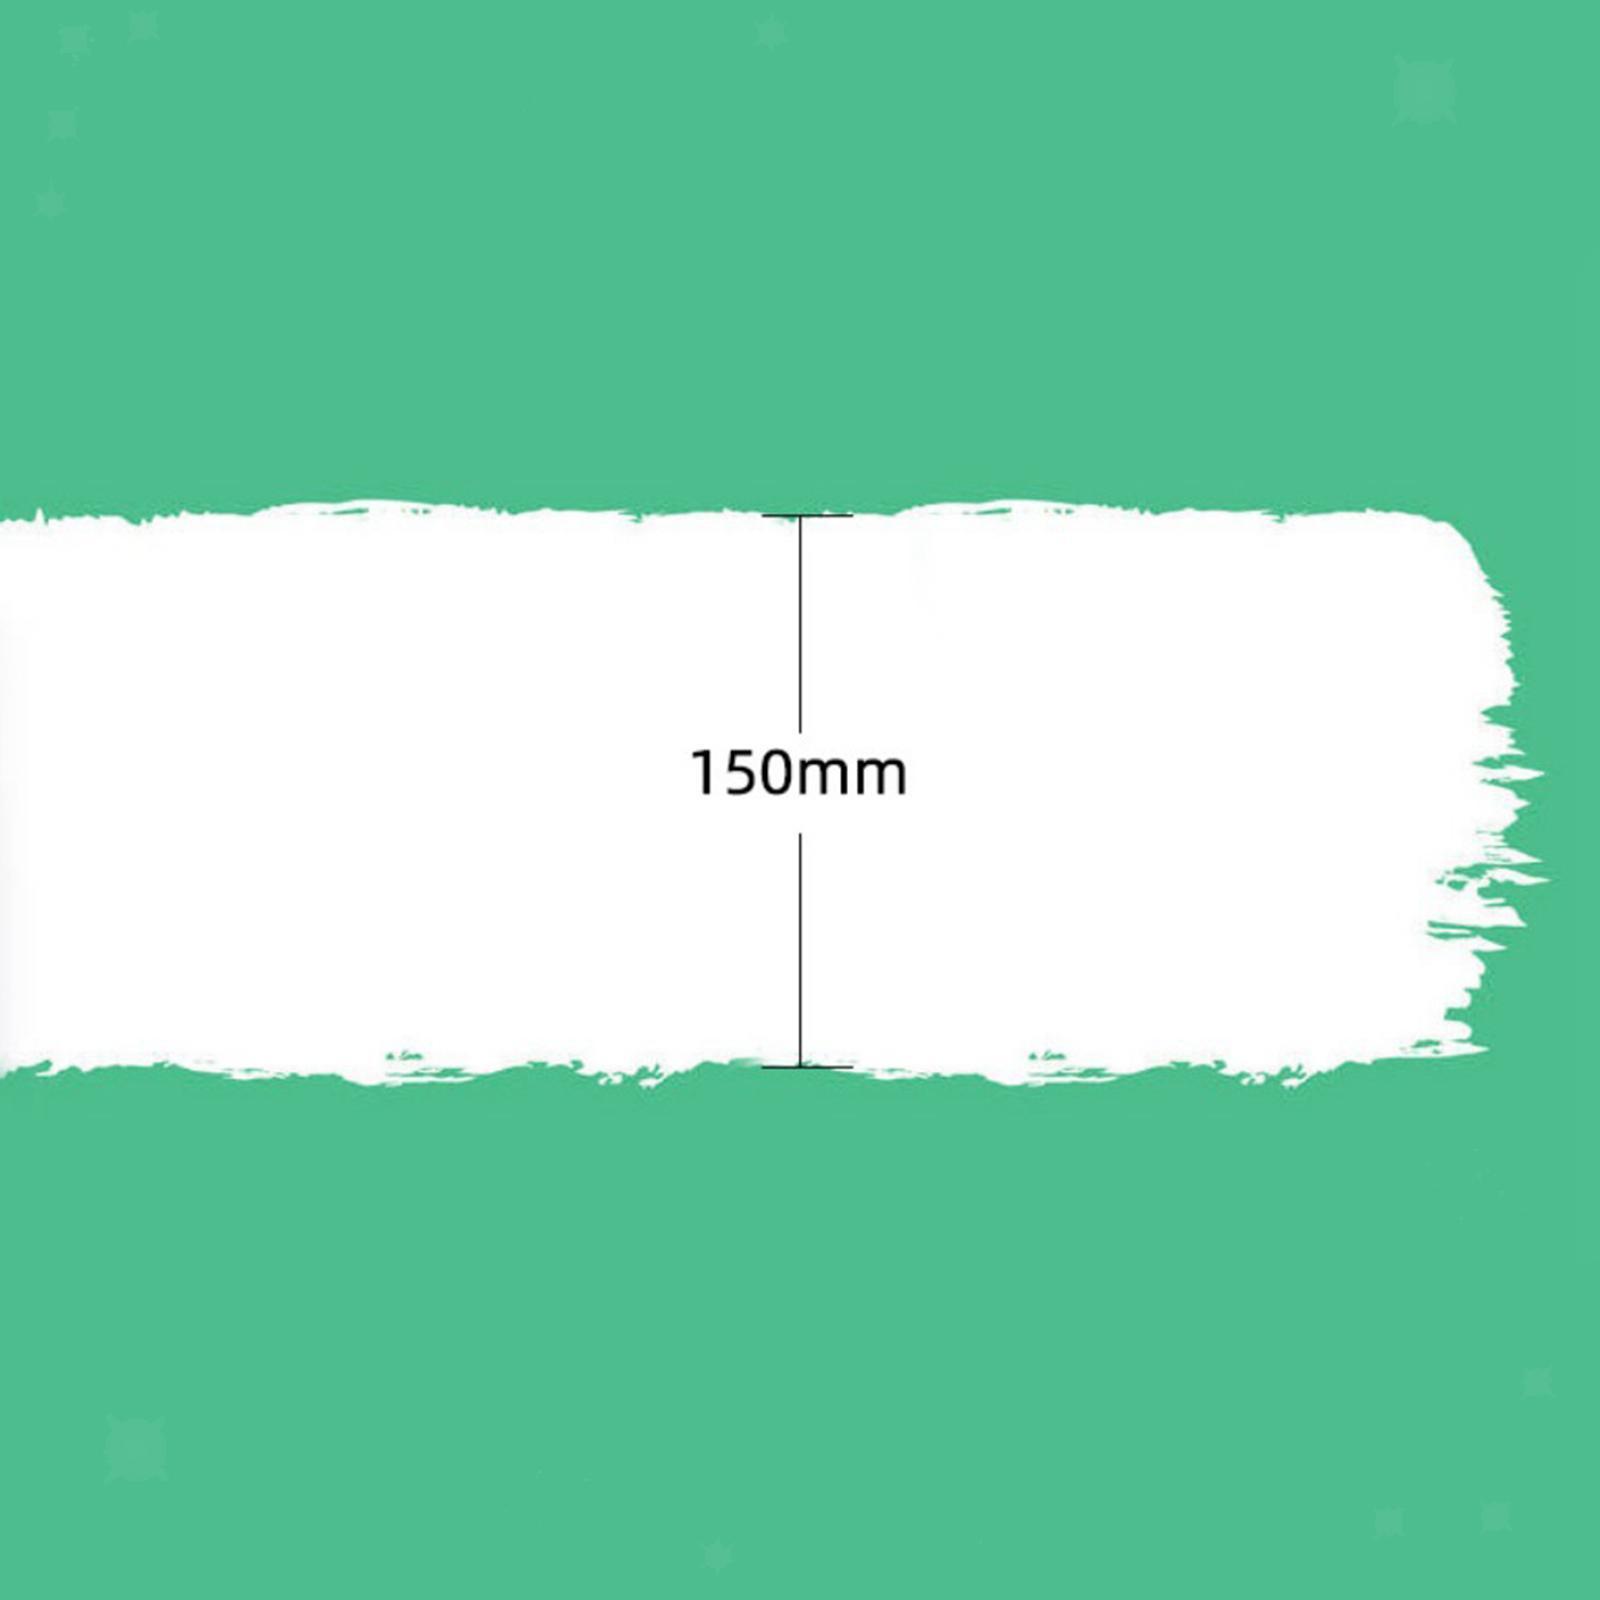 miniatura 39 - 180mL/320mL Portatile Colla Applicatore Rullo Professionale Rivestito Colla